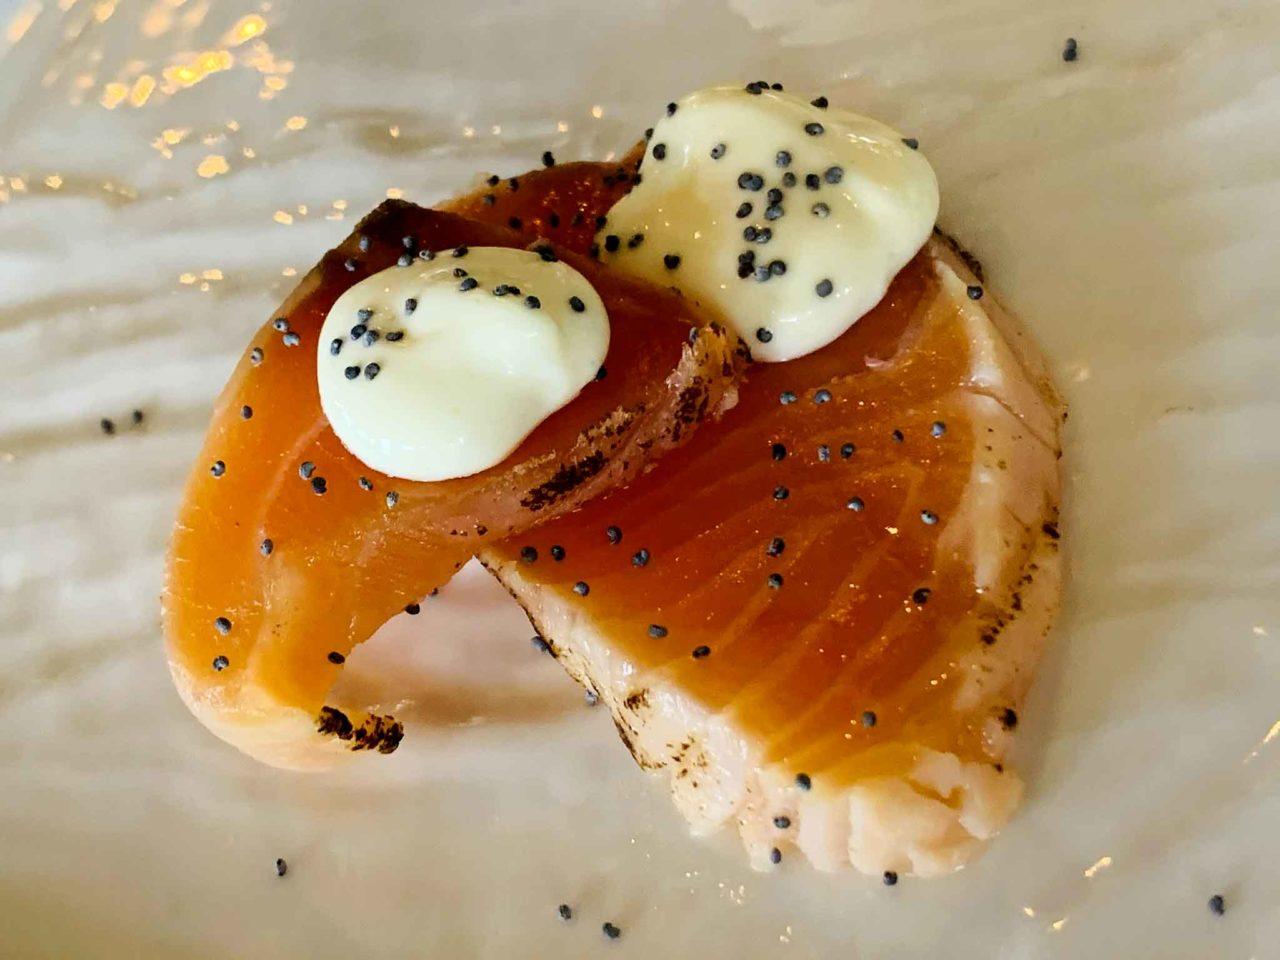 salmone affumicato La Zattera ristorante di pesce Pescara